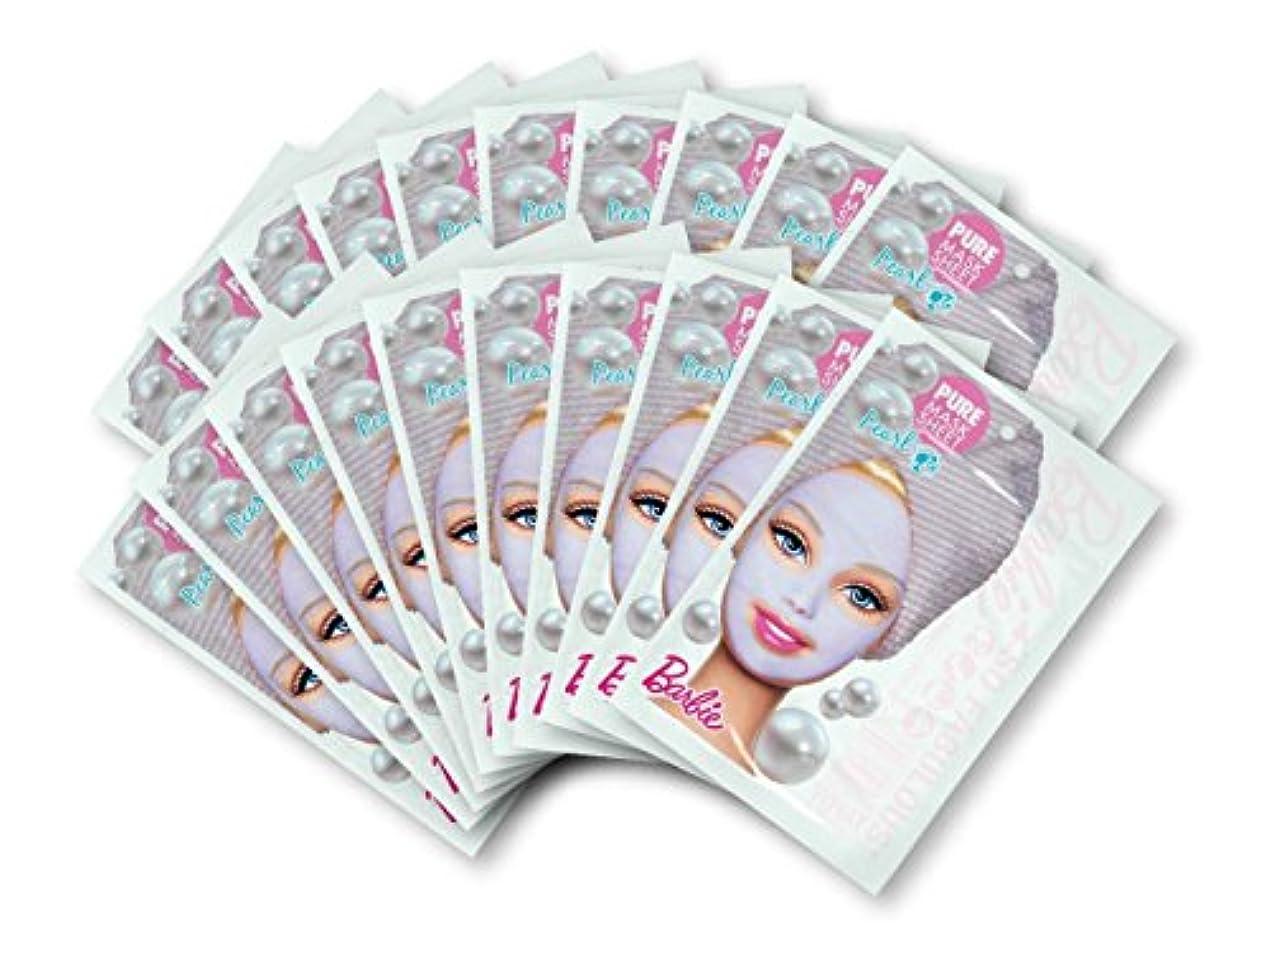 波紋徹底見せますバービー (Barbie) フェイスマスク ピュアマスクシートN (パール) 25ml×20枚入り [保湿] 顔 シートマスク フェイスパック